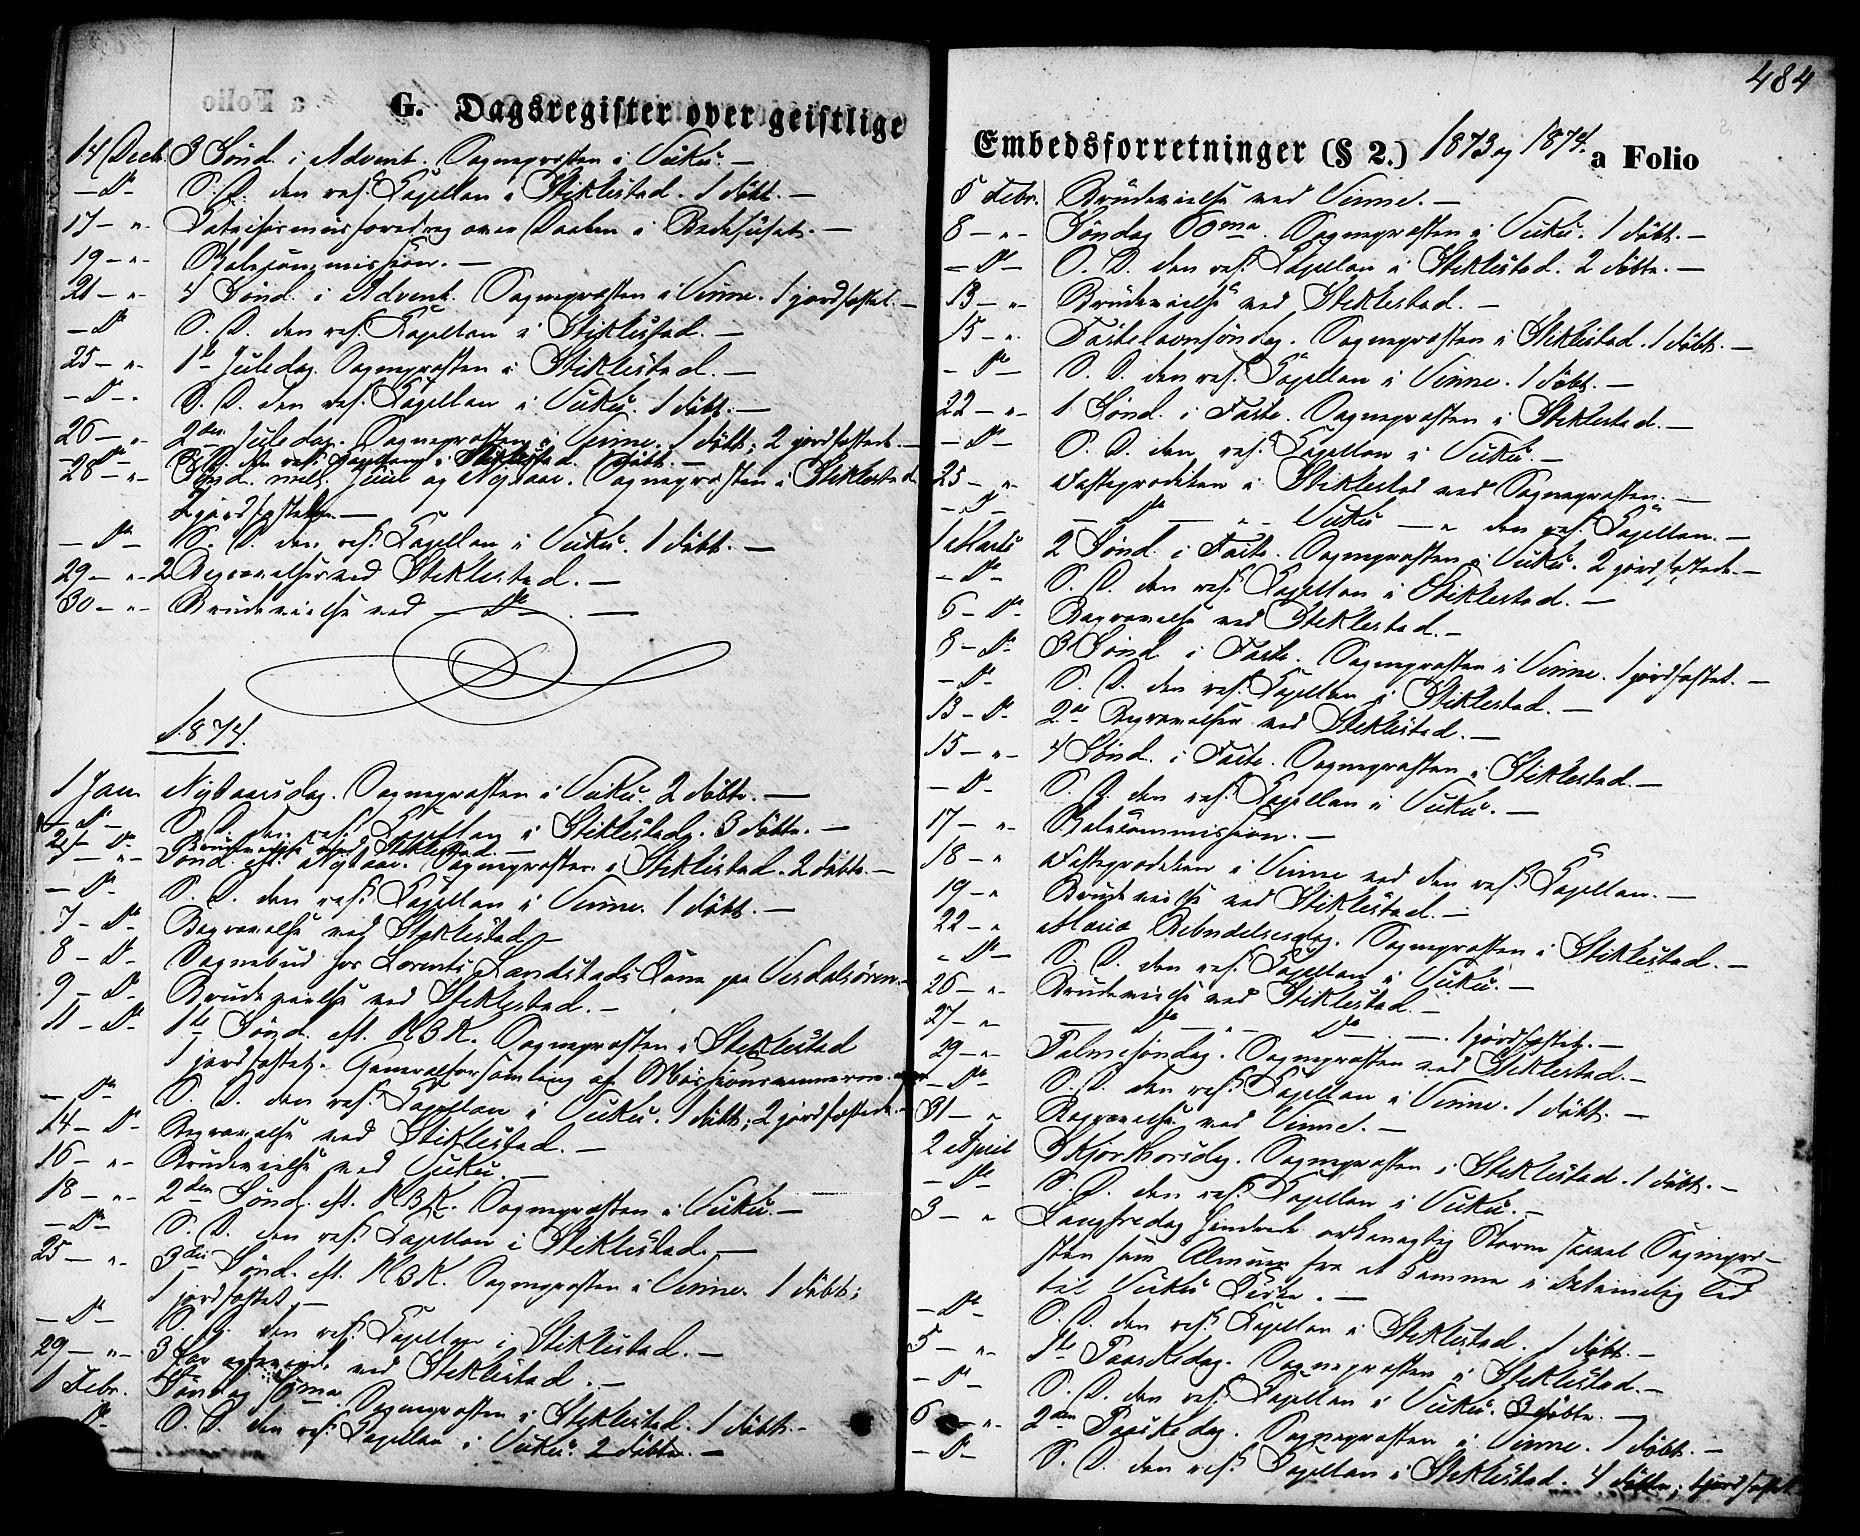 SAT, Ministerialprotokoller, klokkerbøker og fødselsregistre - Nord-Trøndelag, 723/L0242: Ministerialbok nr. 723A11, 1870-1880, s. 484